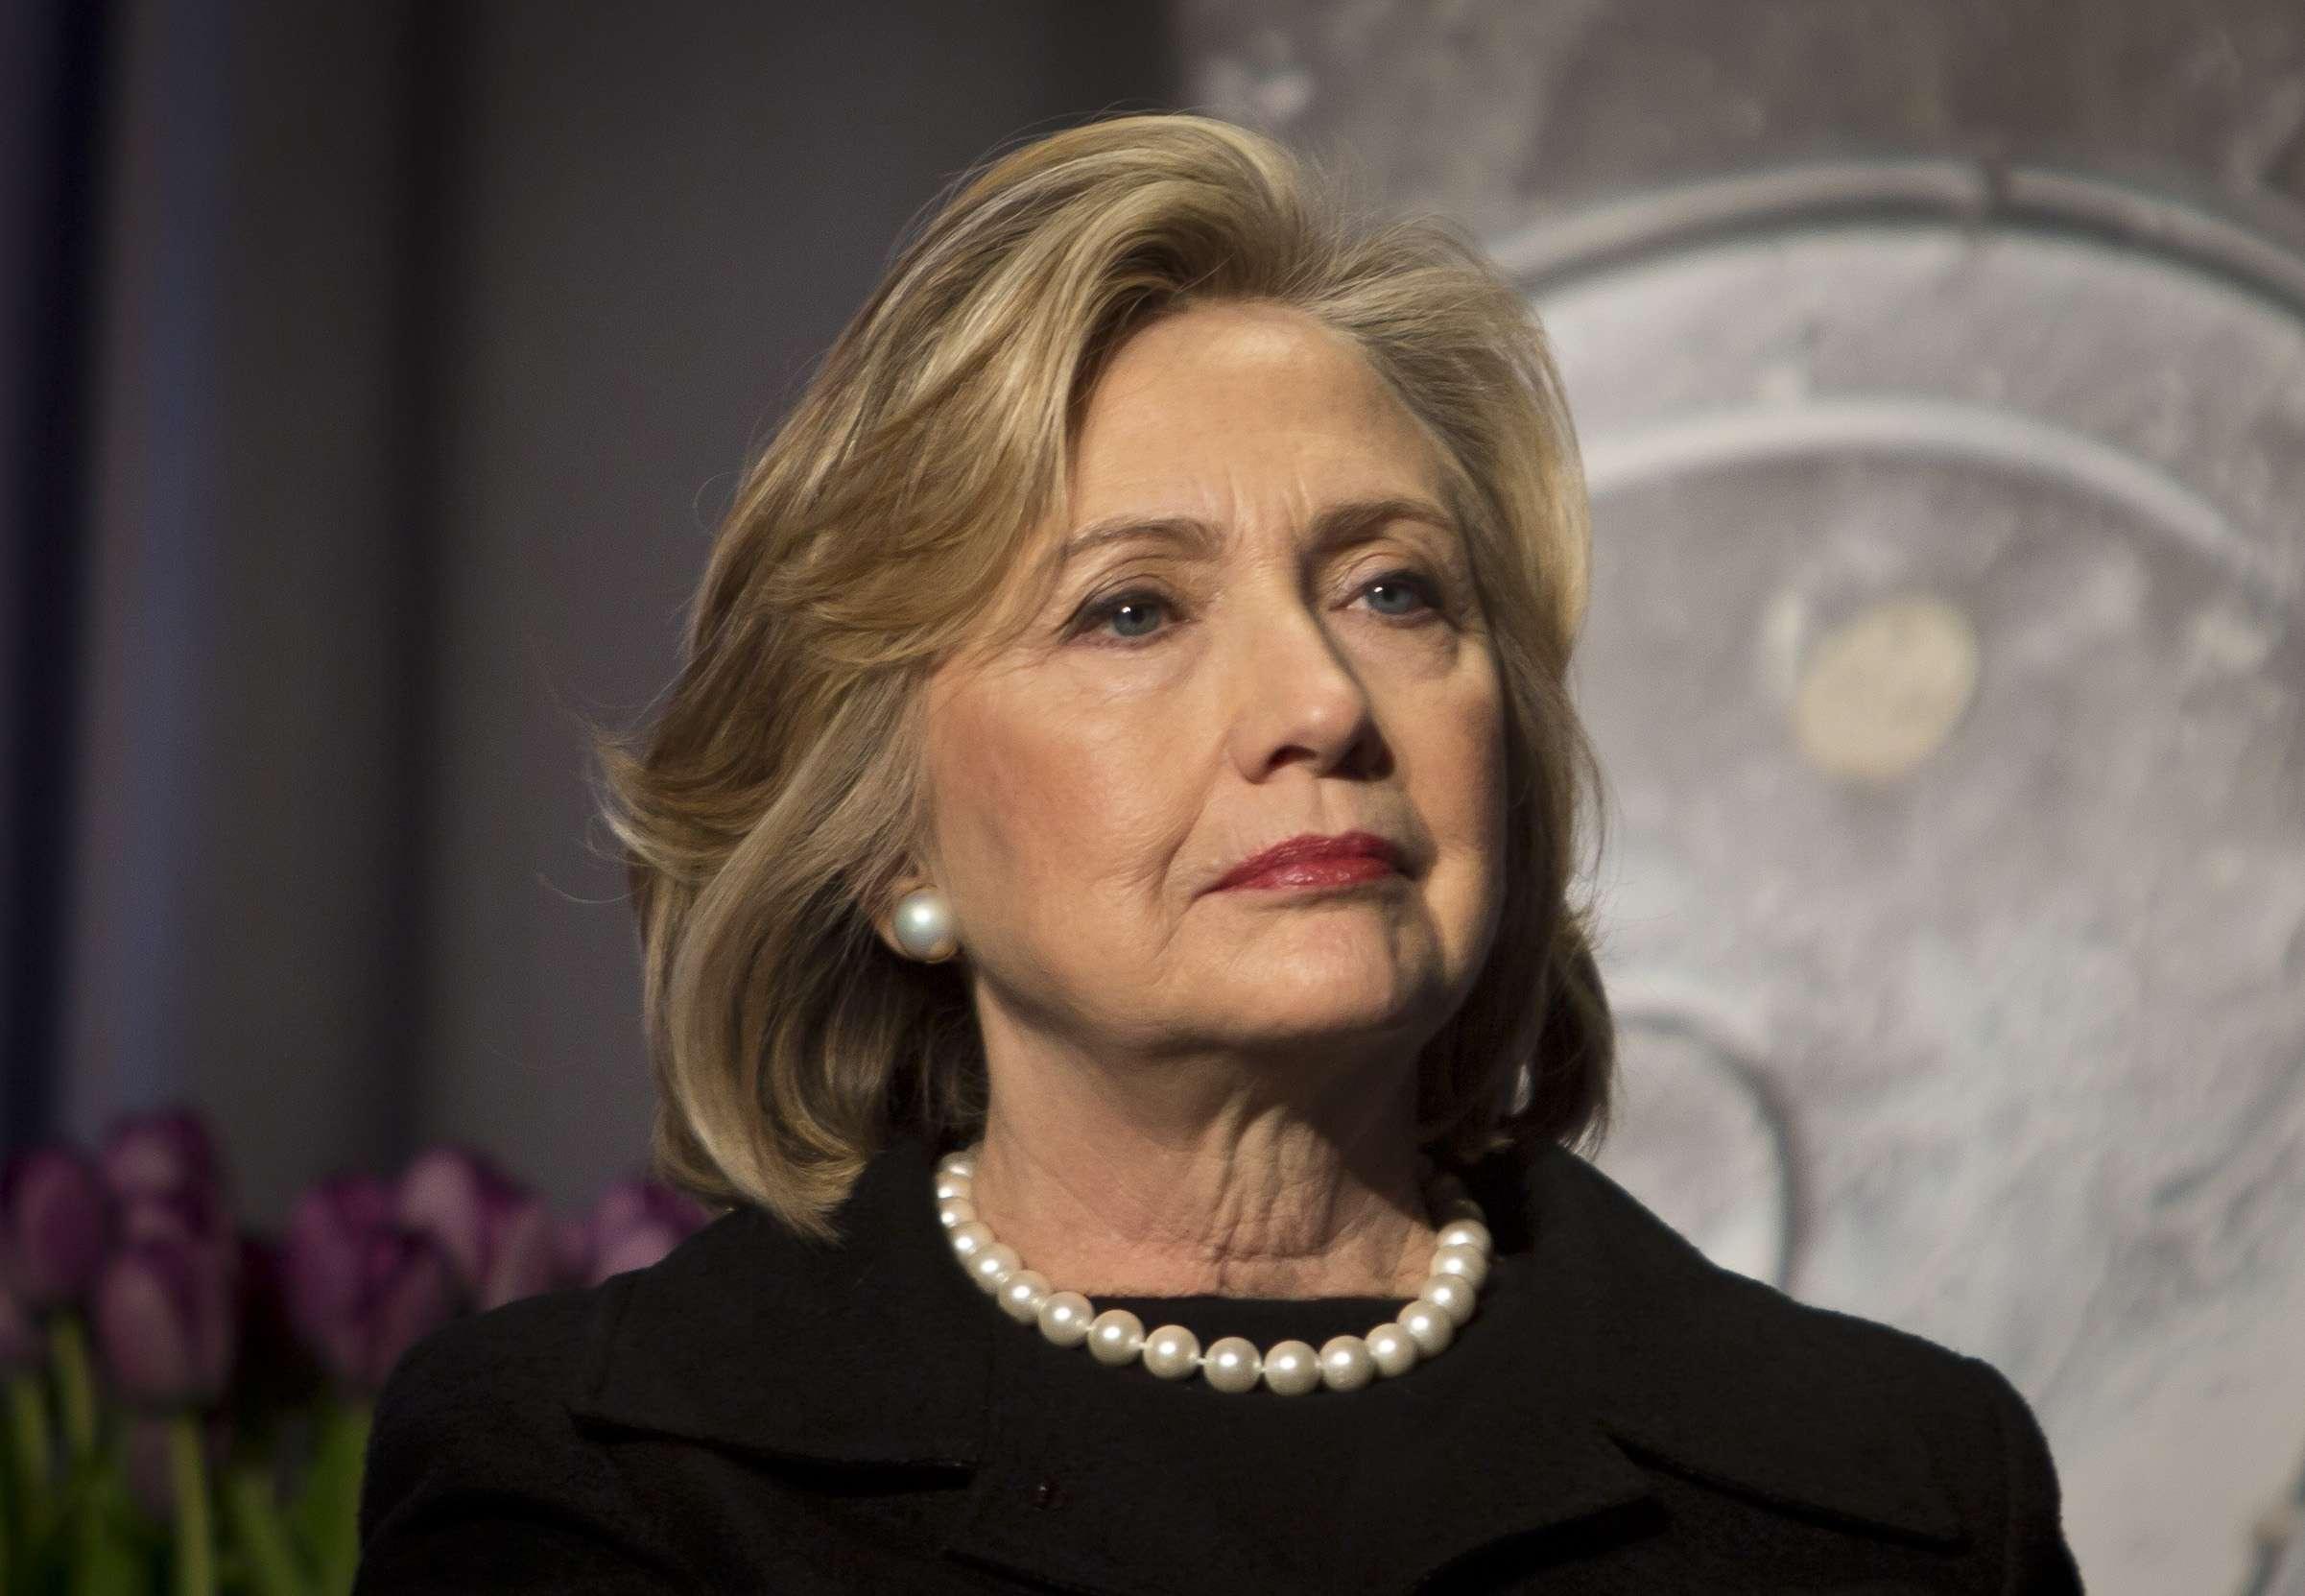 La demócrata Hillary Clinton se perfila como posible candidata presidencial de EU. Foto: AP en español